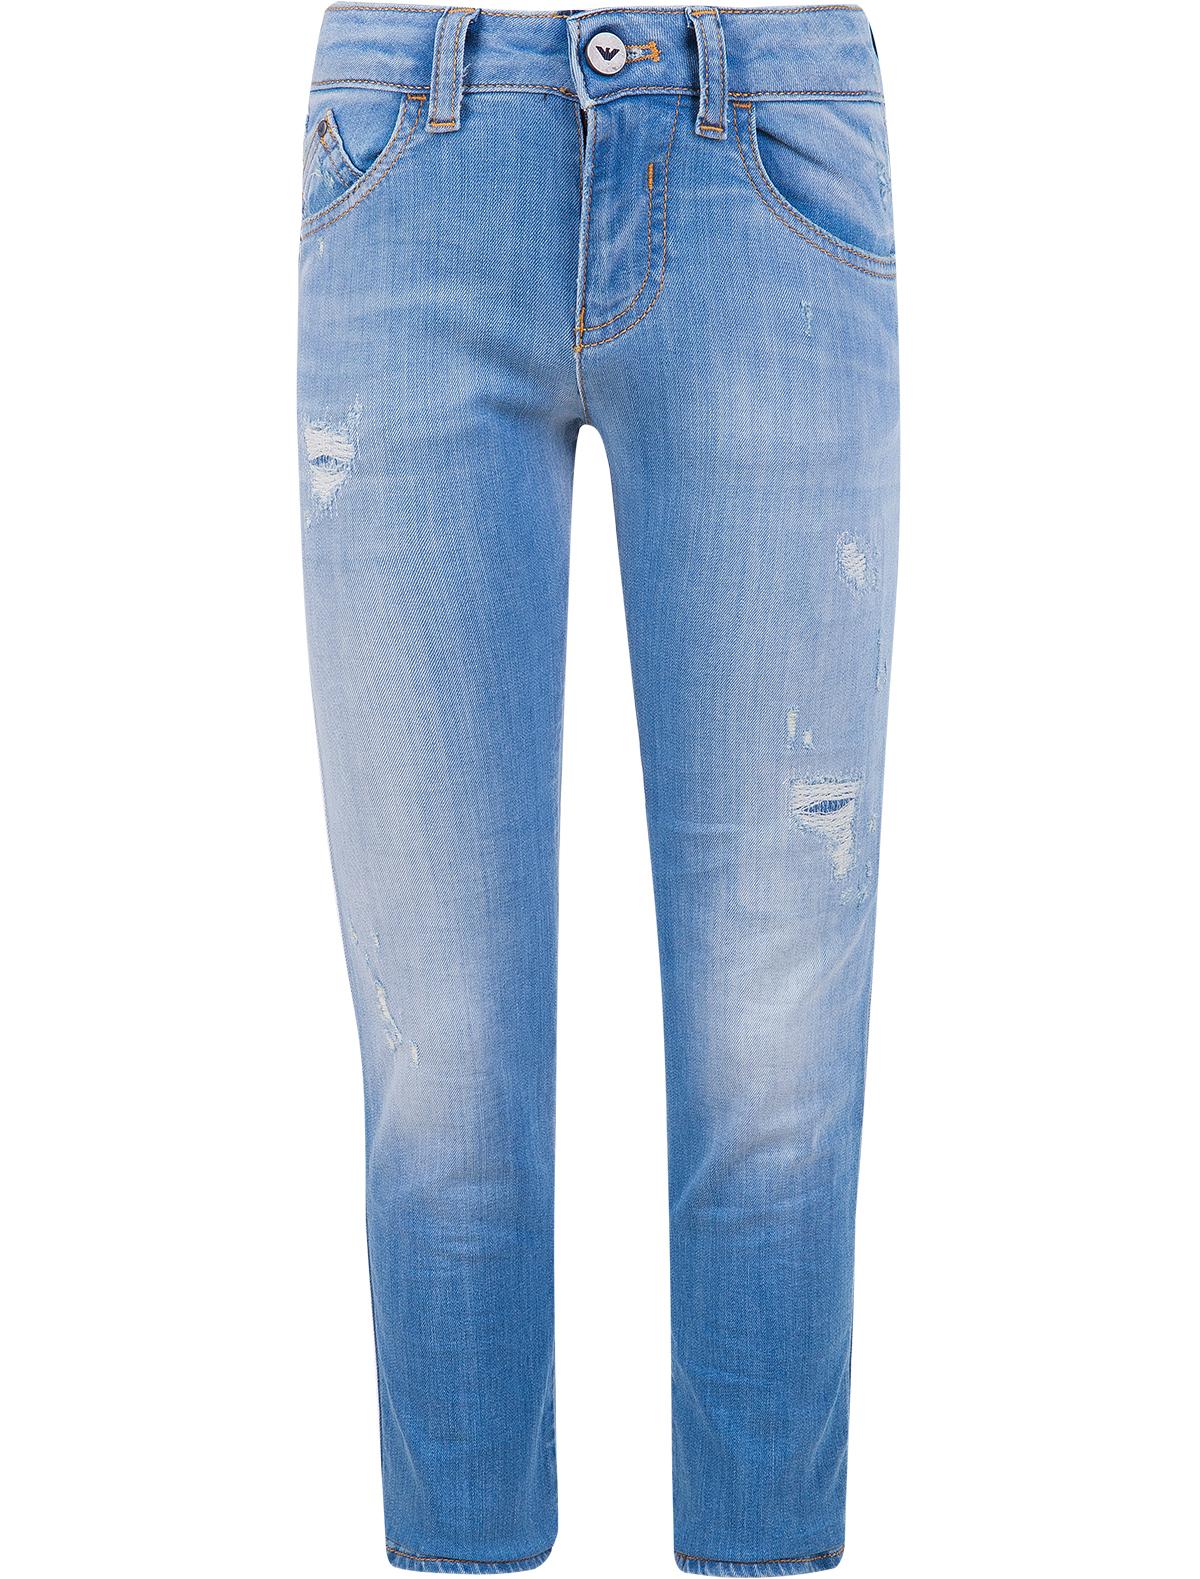 Купить 1890482, Джинсы Armani Junior, голубой, Мужской, 1161519770033